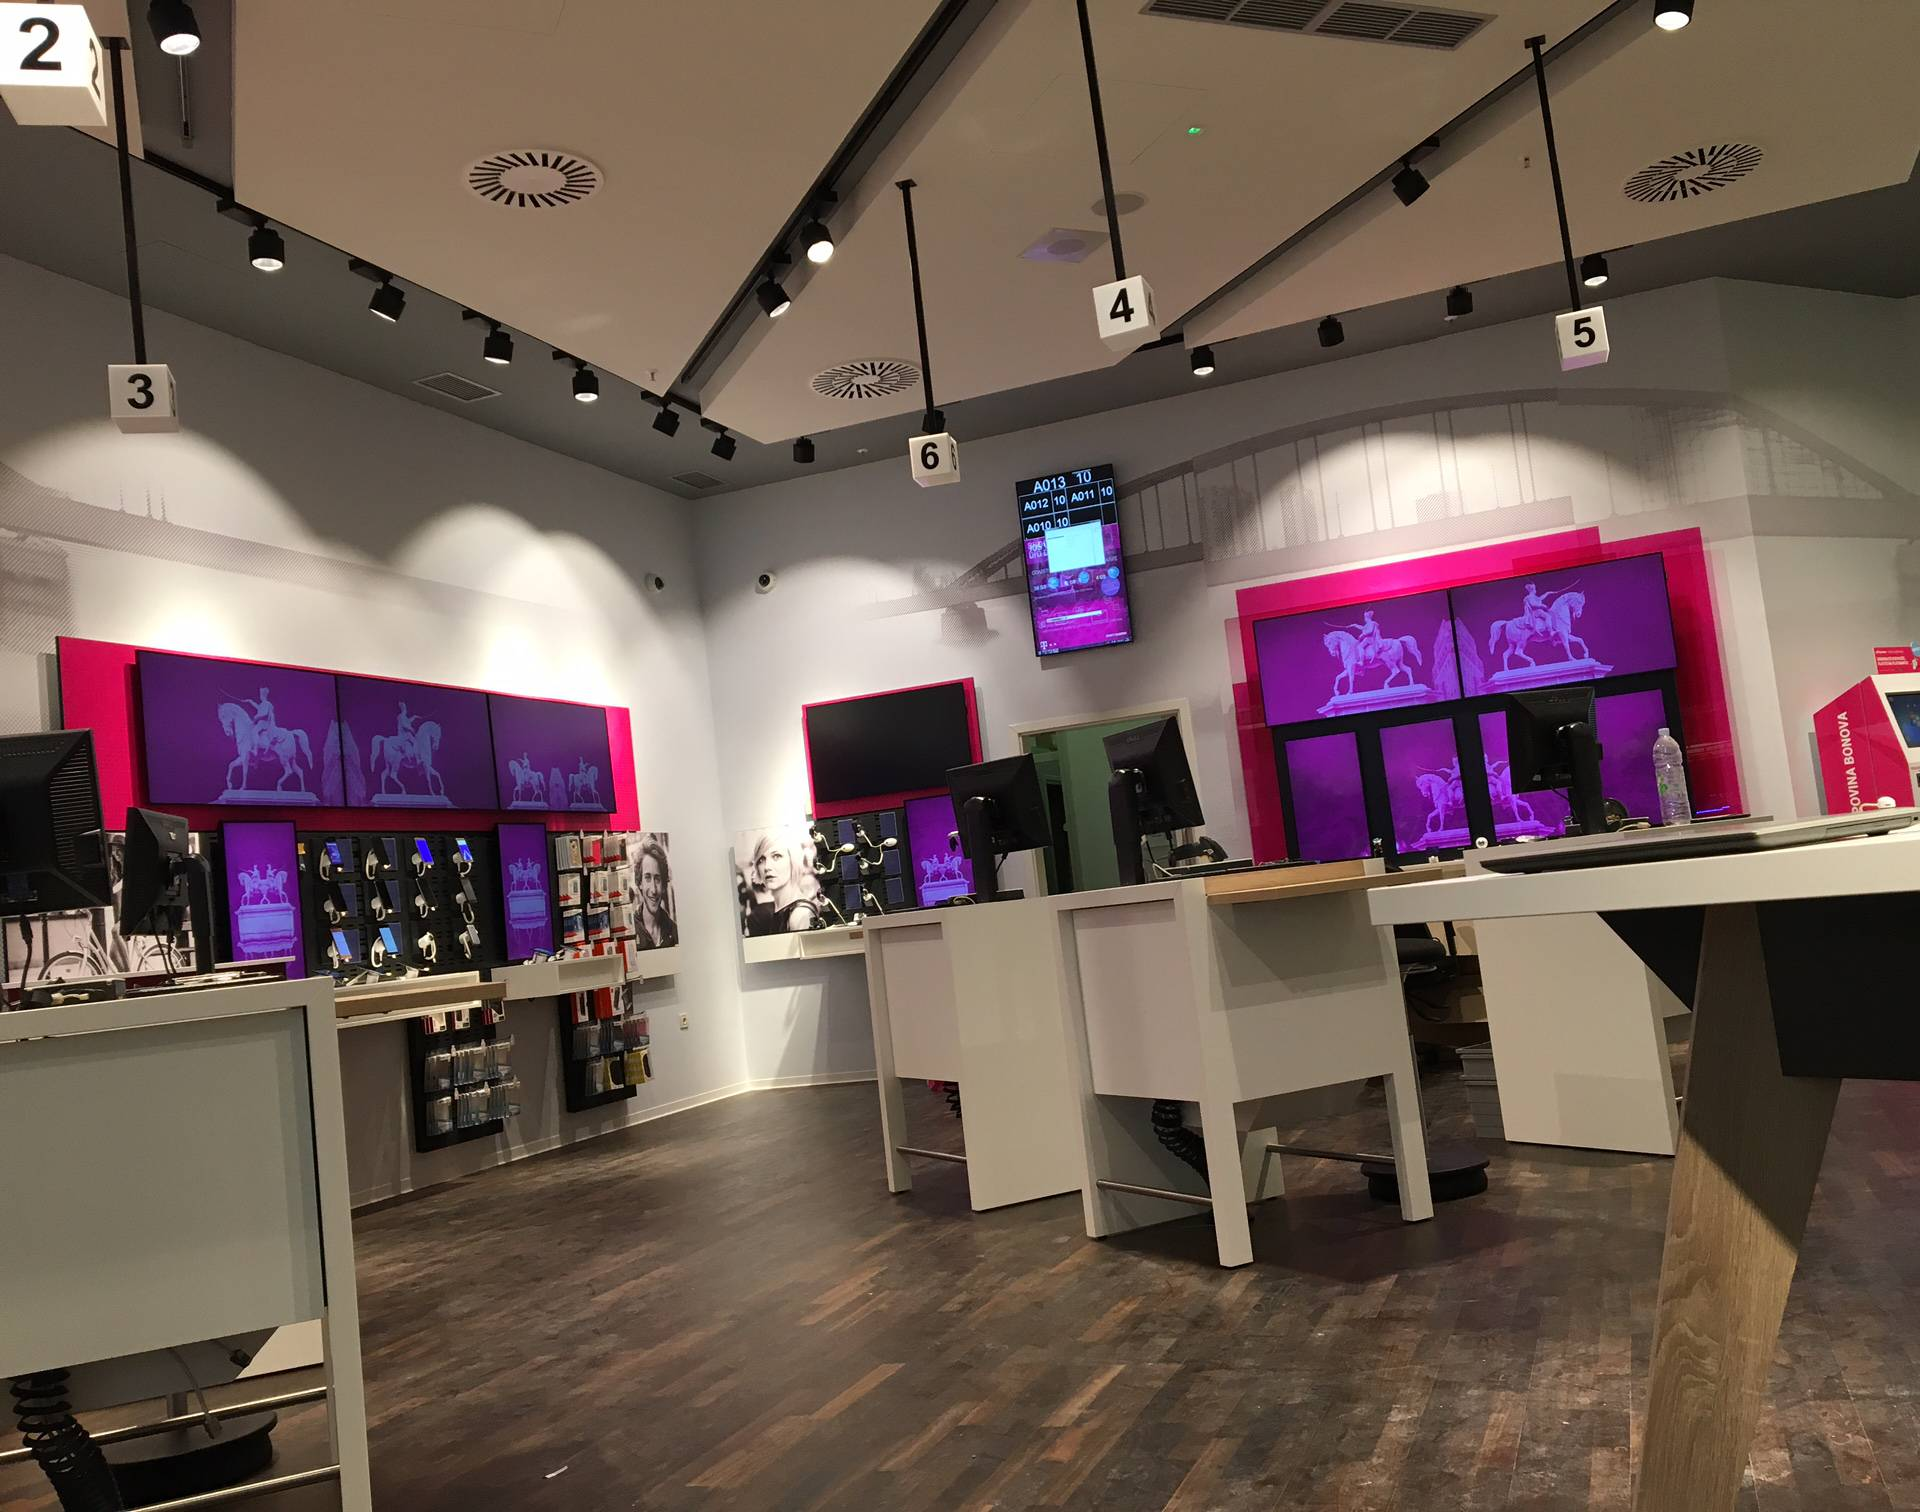 HT otvara novi multimedijski centar u Avenu Mallu